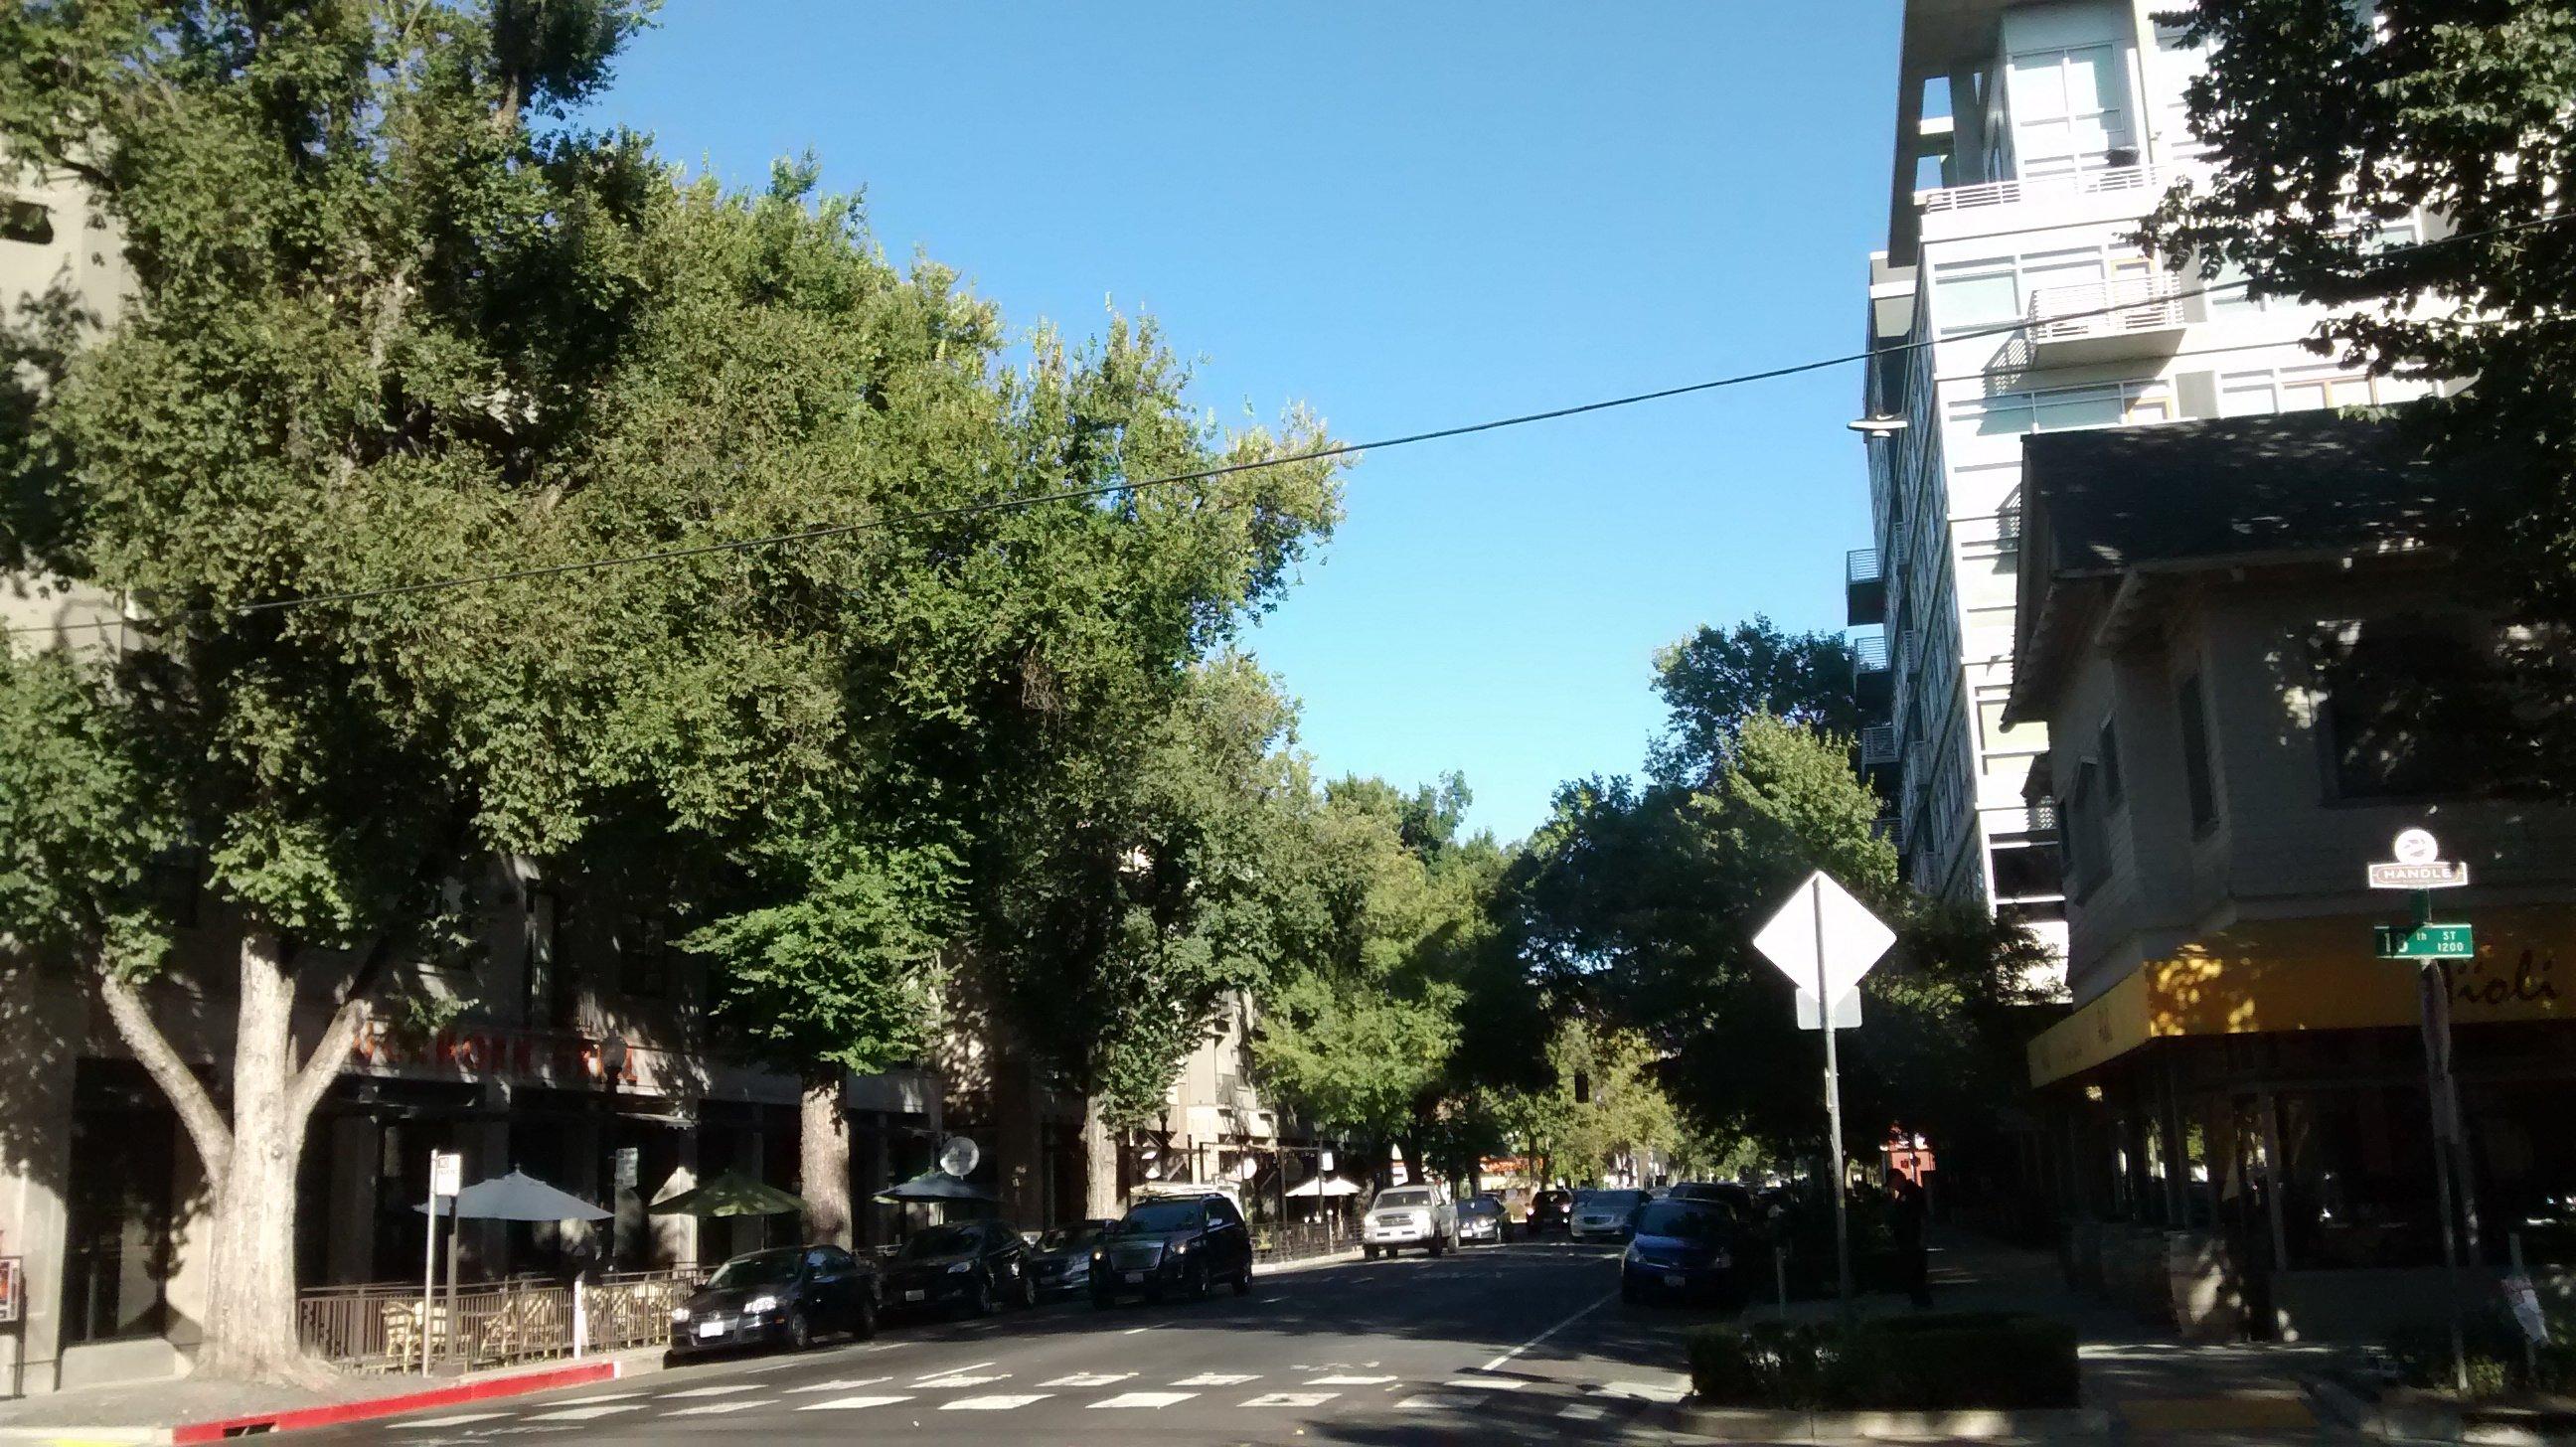 L St. Primeros días en Sacramento. Calafiana